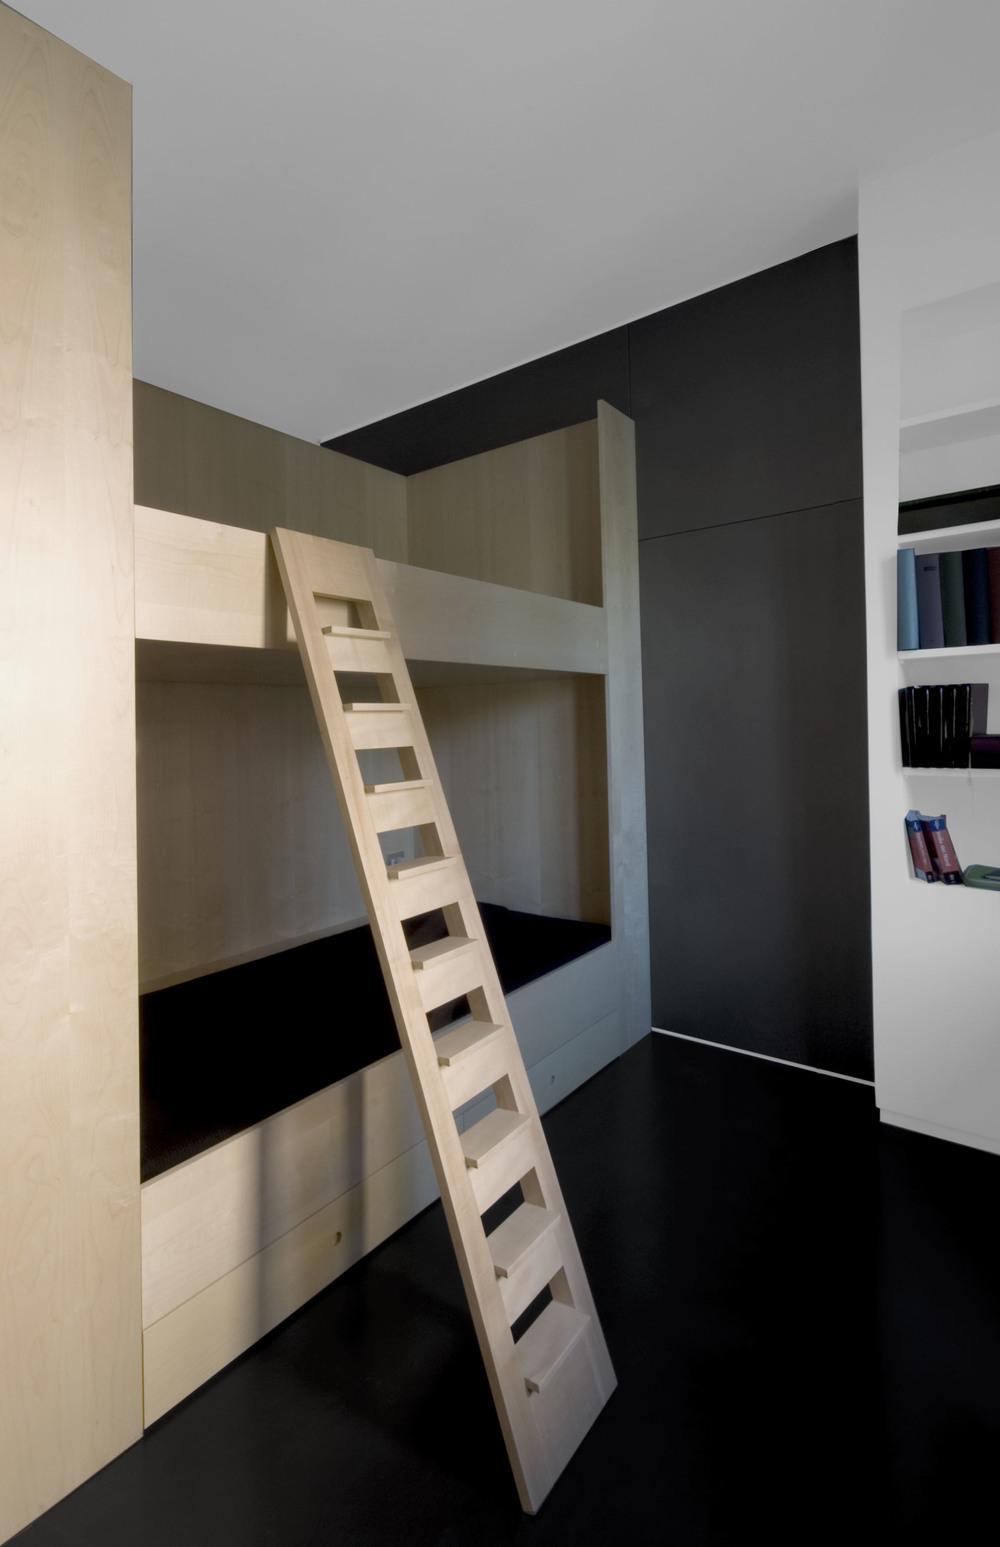 La camera da letto per i bambini, con il blocco dei letti e la libreria sulla destra.